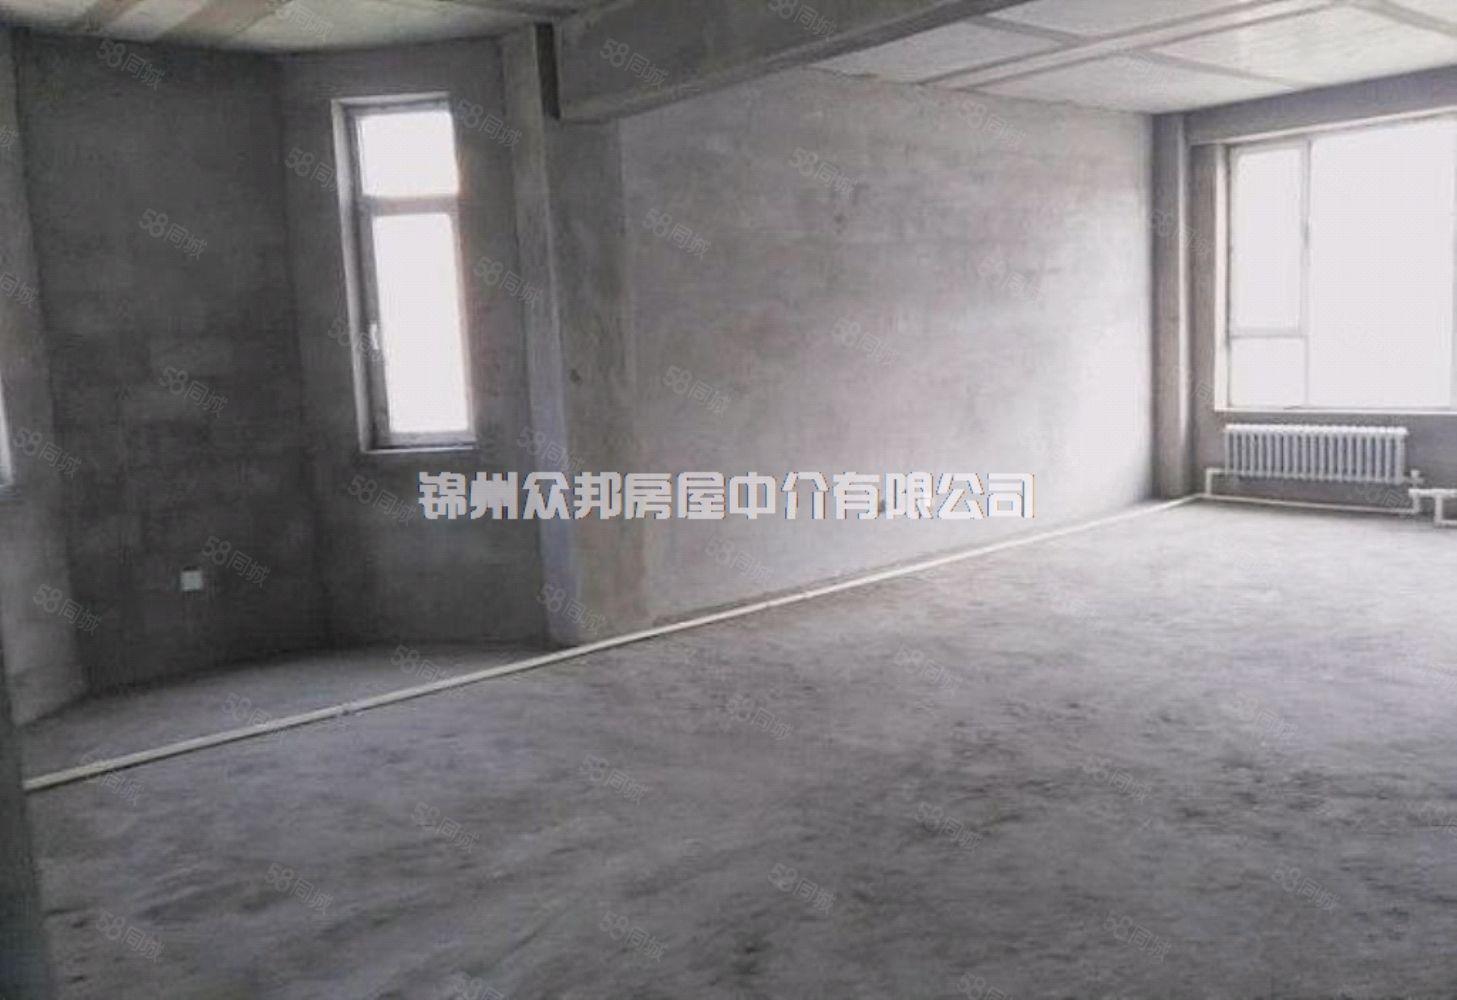 米蘭印象出售三越四帶閣樓房本面積210平米3700一平便宜